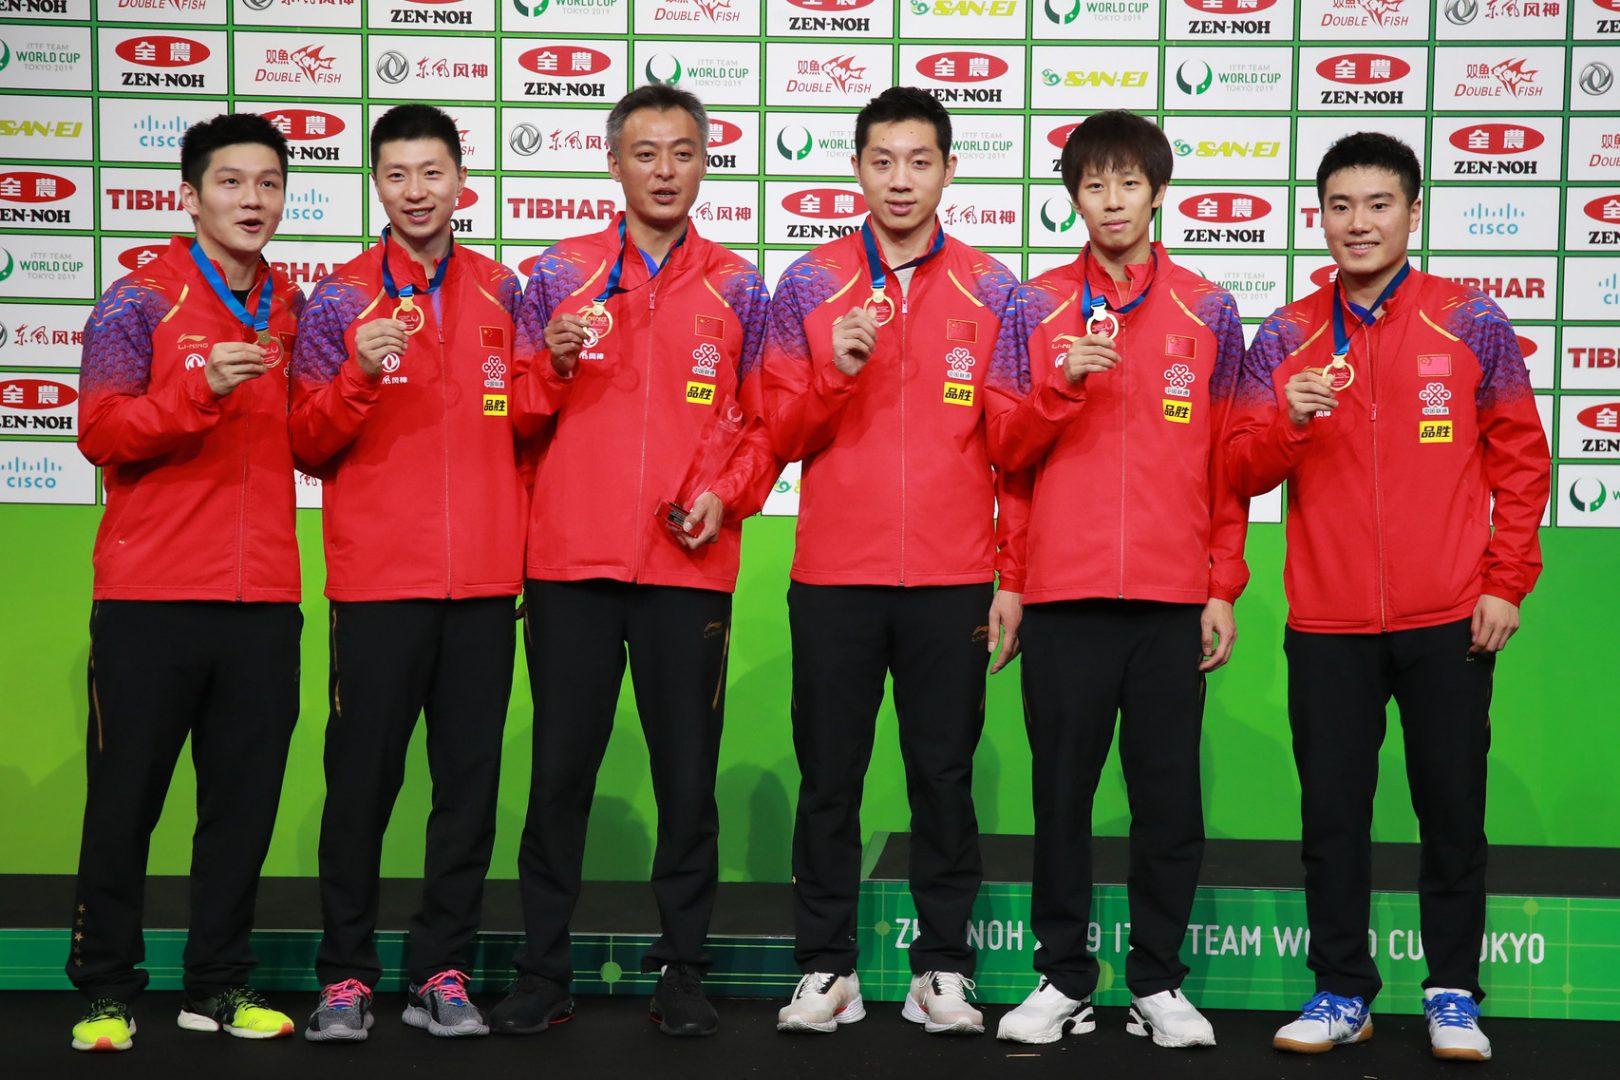 卓球帝国・中国男子 圧倒的王者の強さの理由|東京五輪ライバル国特集